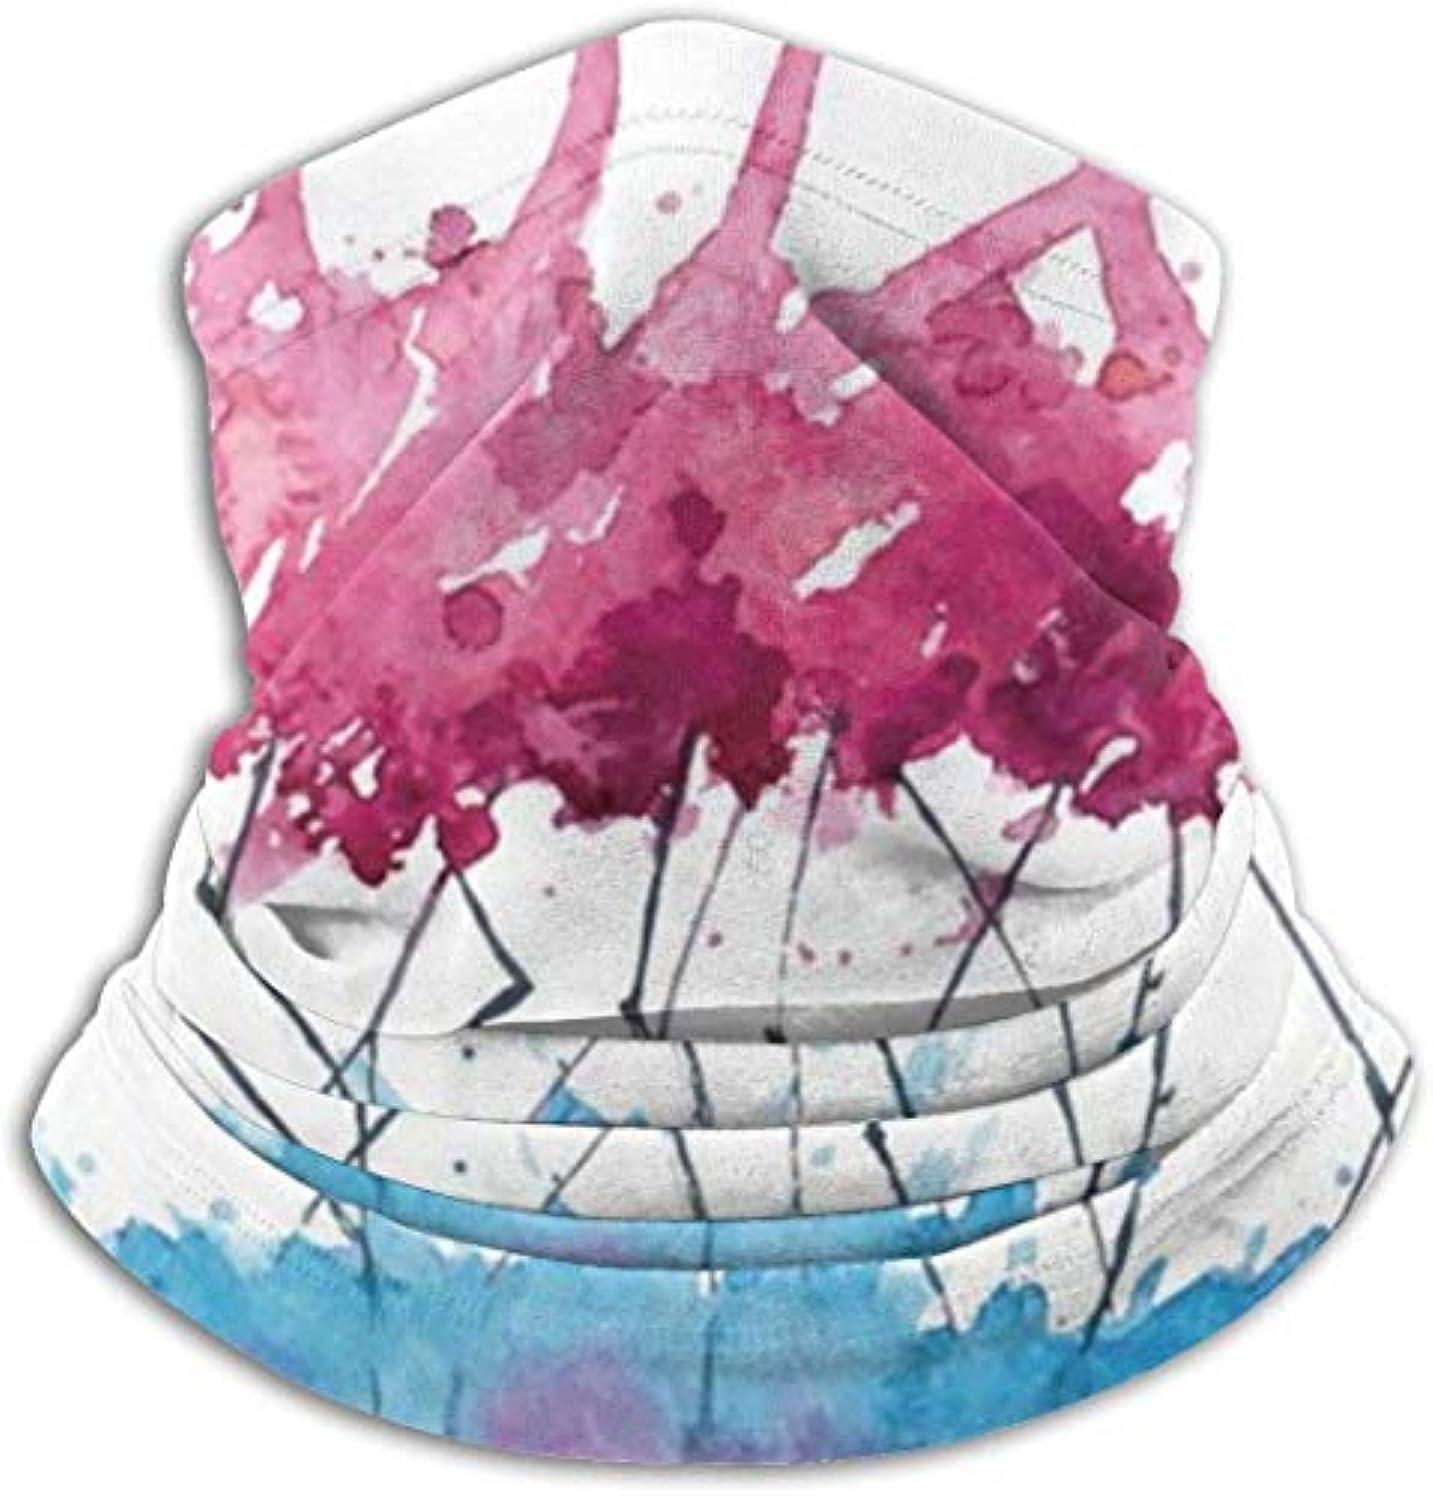 ブリード煩わしいコンセンサストロピカルダンスフラミンゴ ネック暖かいスカーフ サーマルネックスカーフ マイクロファイバーネックウォーマー ネックウォーマー マフラー 帽子 ヘッドバンド 秋冬 防寒 防風 キャップ 多機能 ネック ゲーター 男女兼用